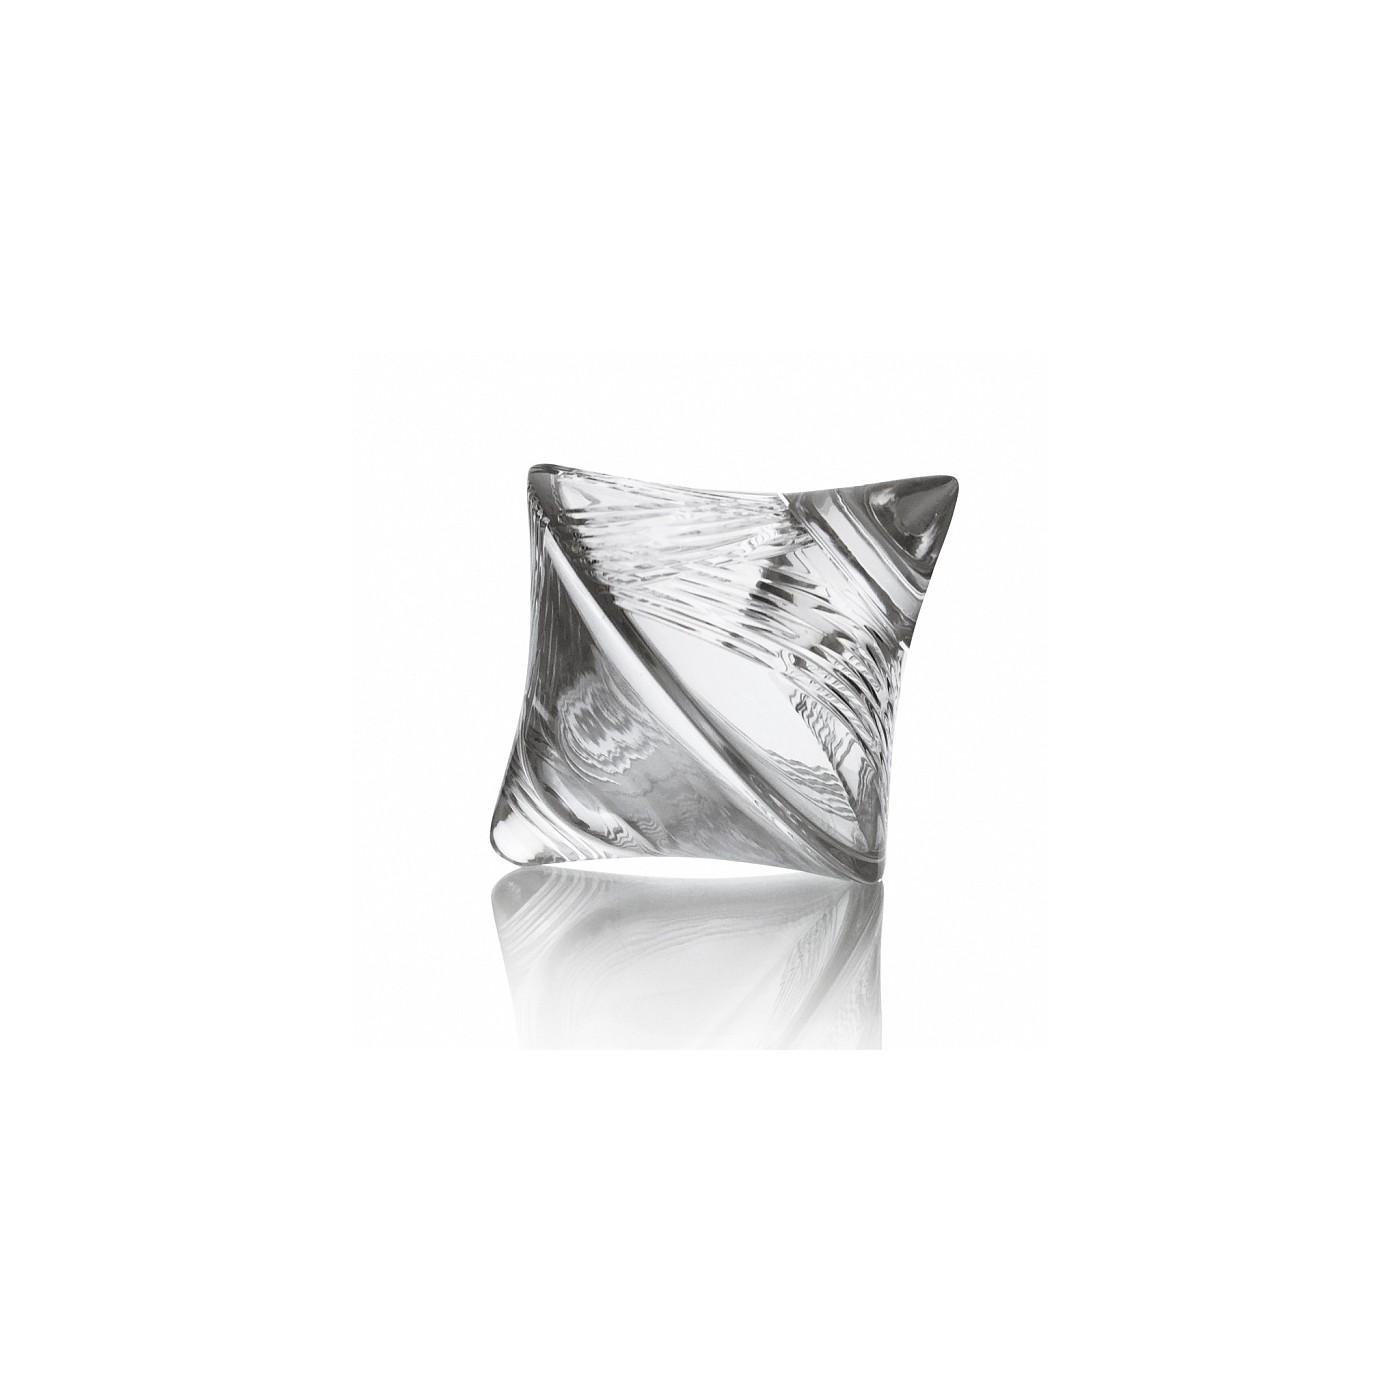 Хрустальная сахарница Юла №3Сахарницы<br>Объем: 600 мл<br><br>Material: Хрусталь<br>Высота см: 19.3